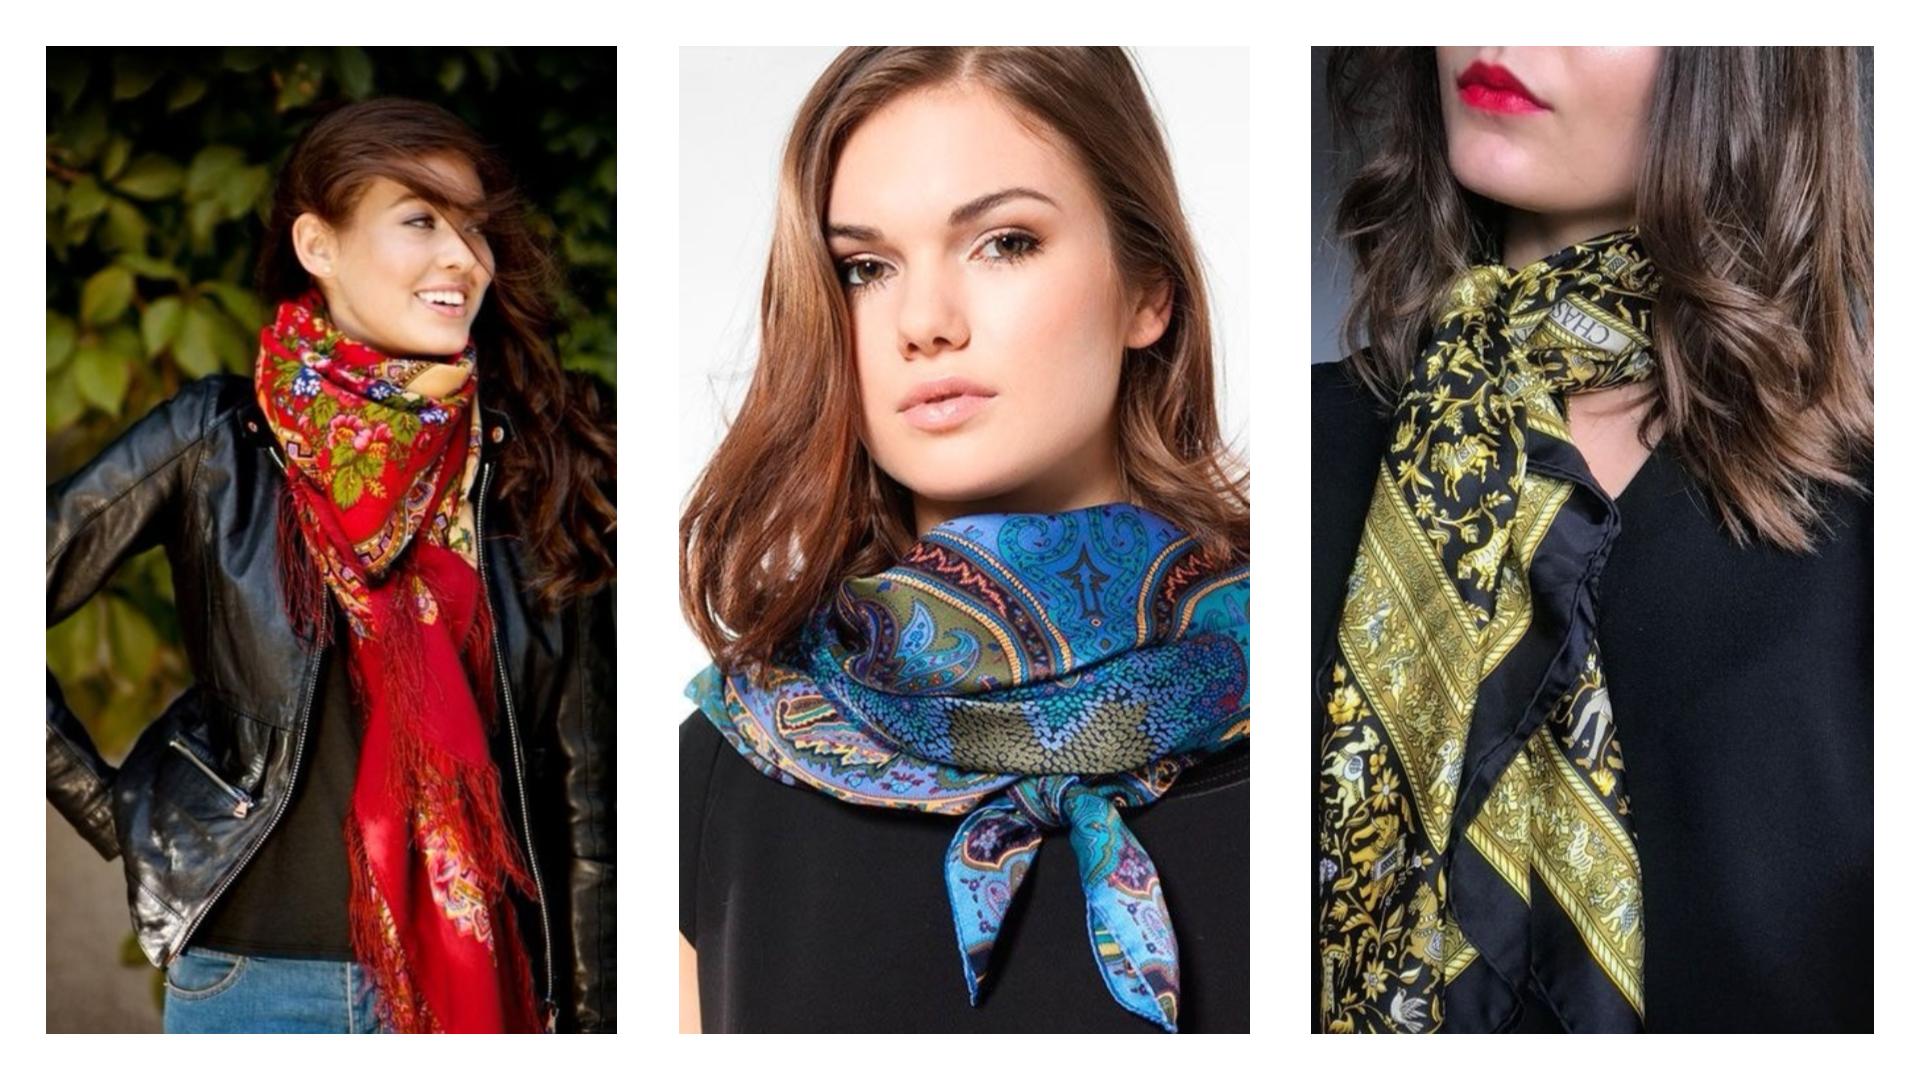 Enroulé serré puis noué délicatement autour du cou : Le foulard en soie est la tendance de la saison 2018